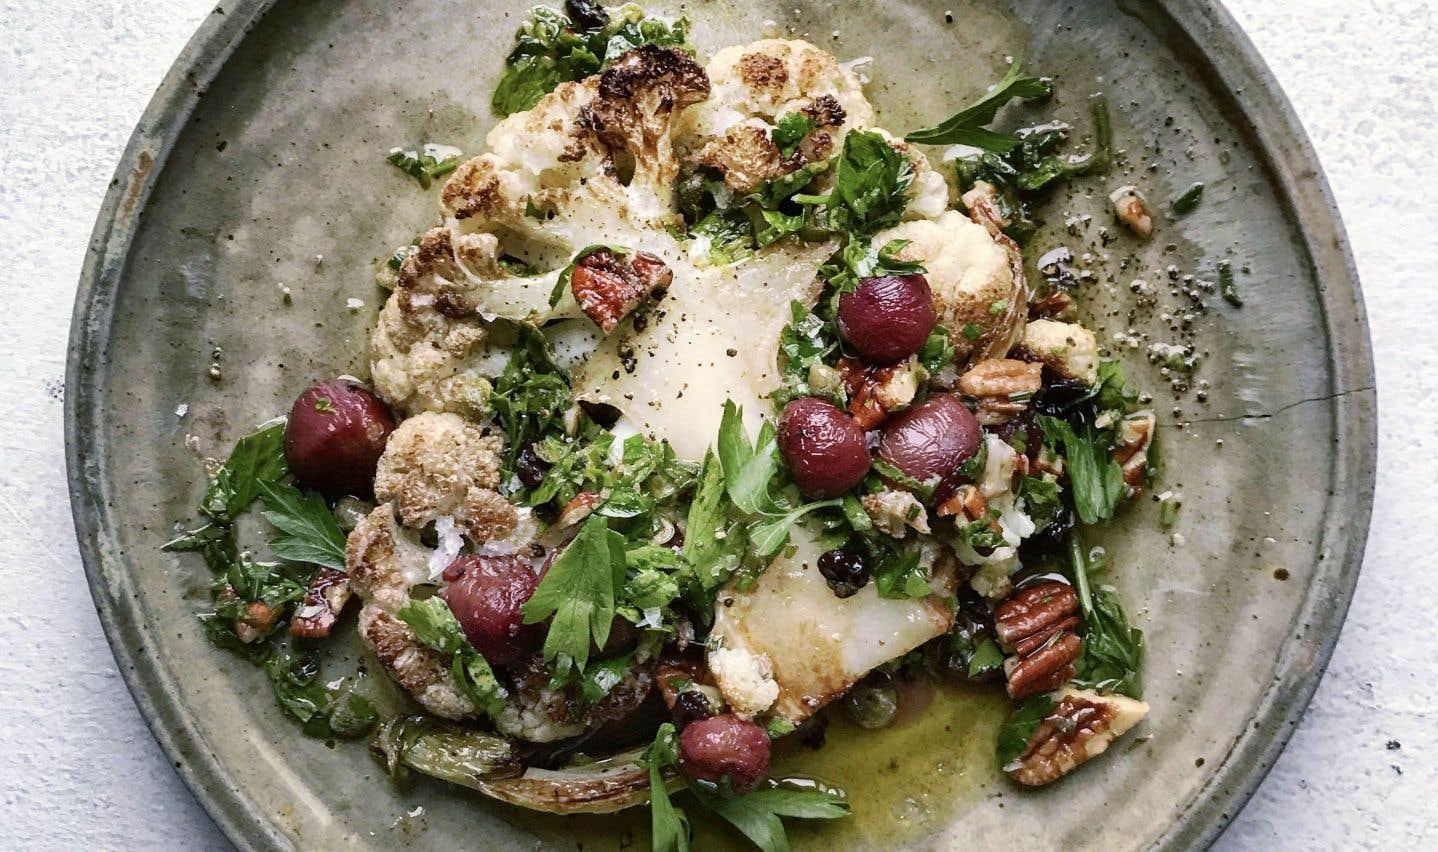 Il s'agit simplement de chou-fleur coupé en tranches épaisses, assaisonné et grillé, ou rôti.